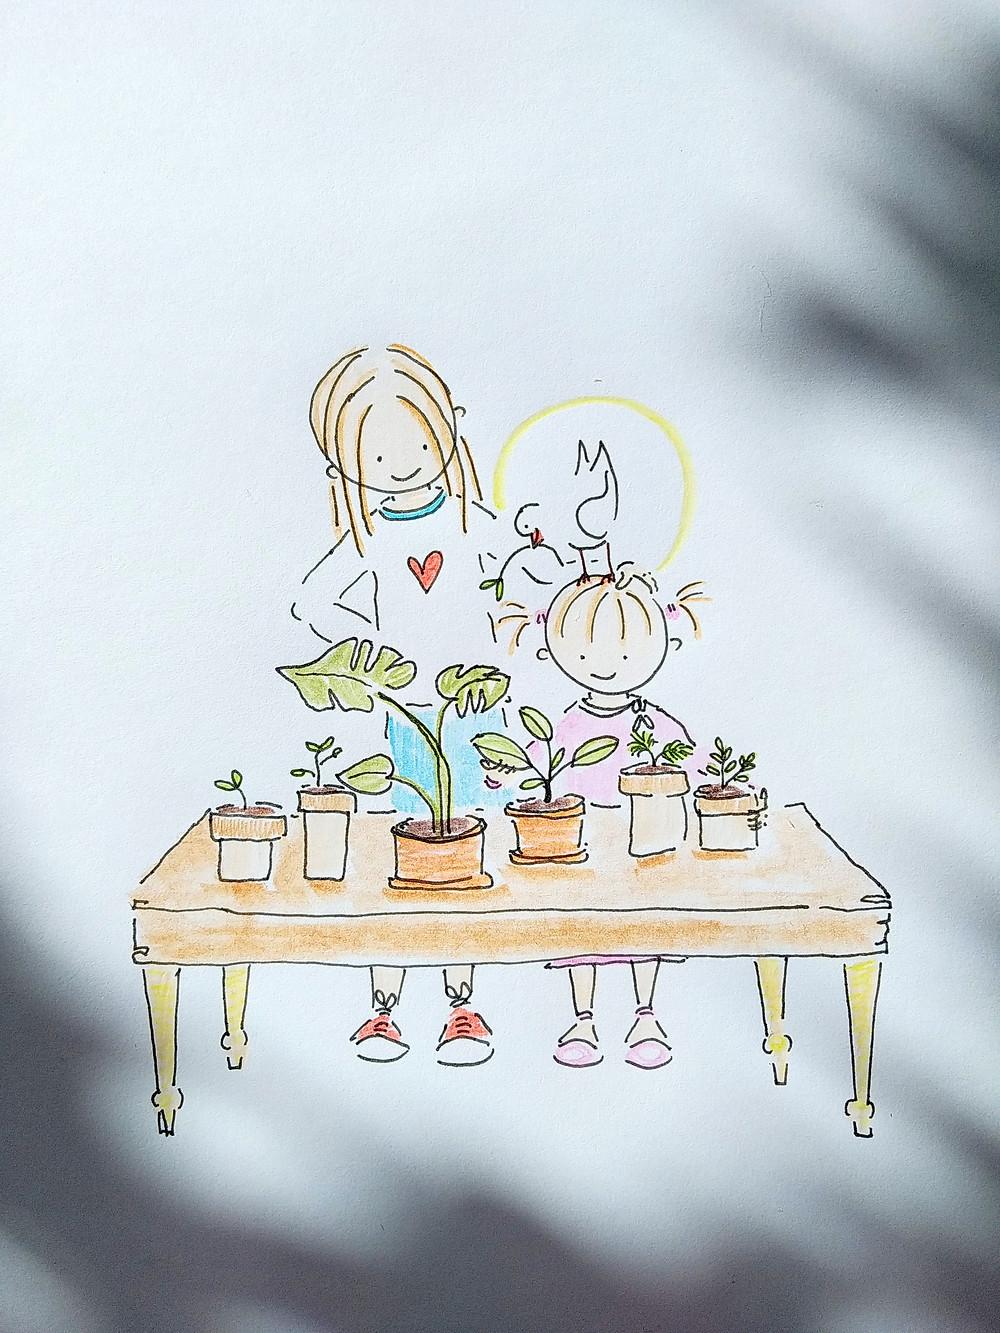 Sötnosen, Anden och Emme planterar. Illustration av Marie Ek Lipanovska